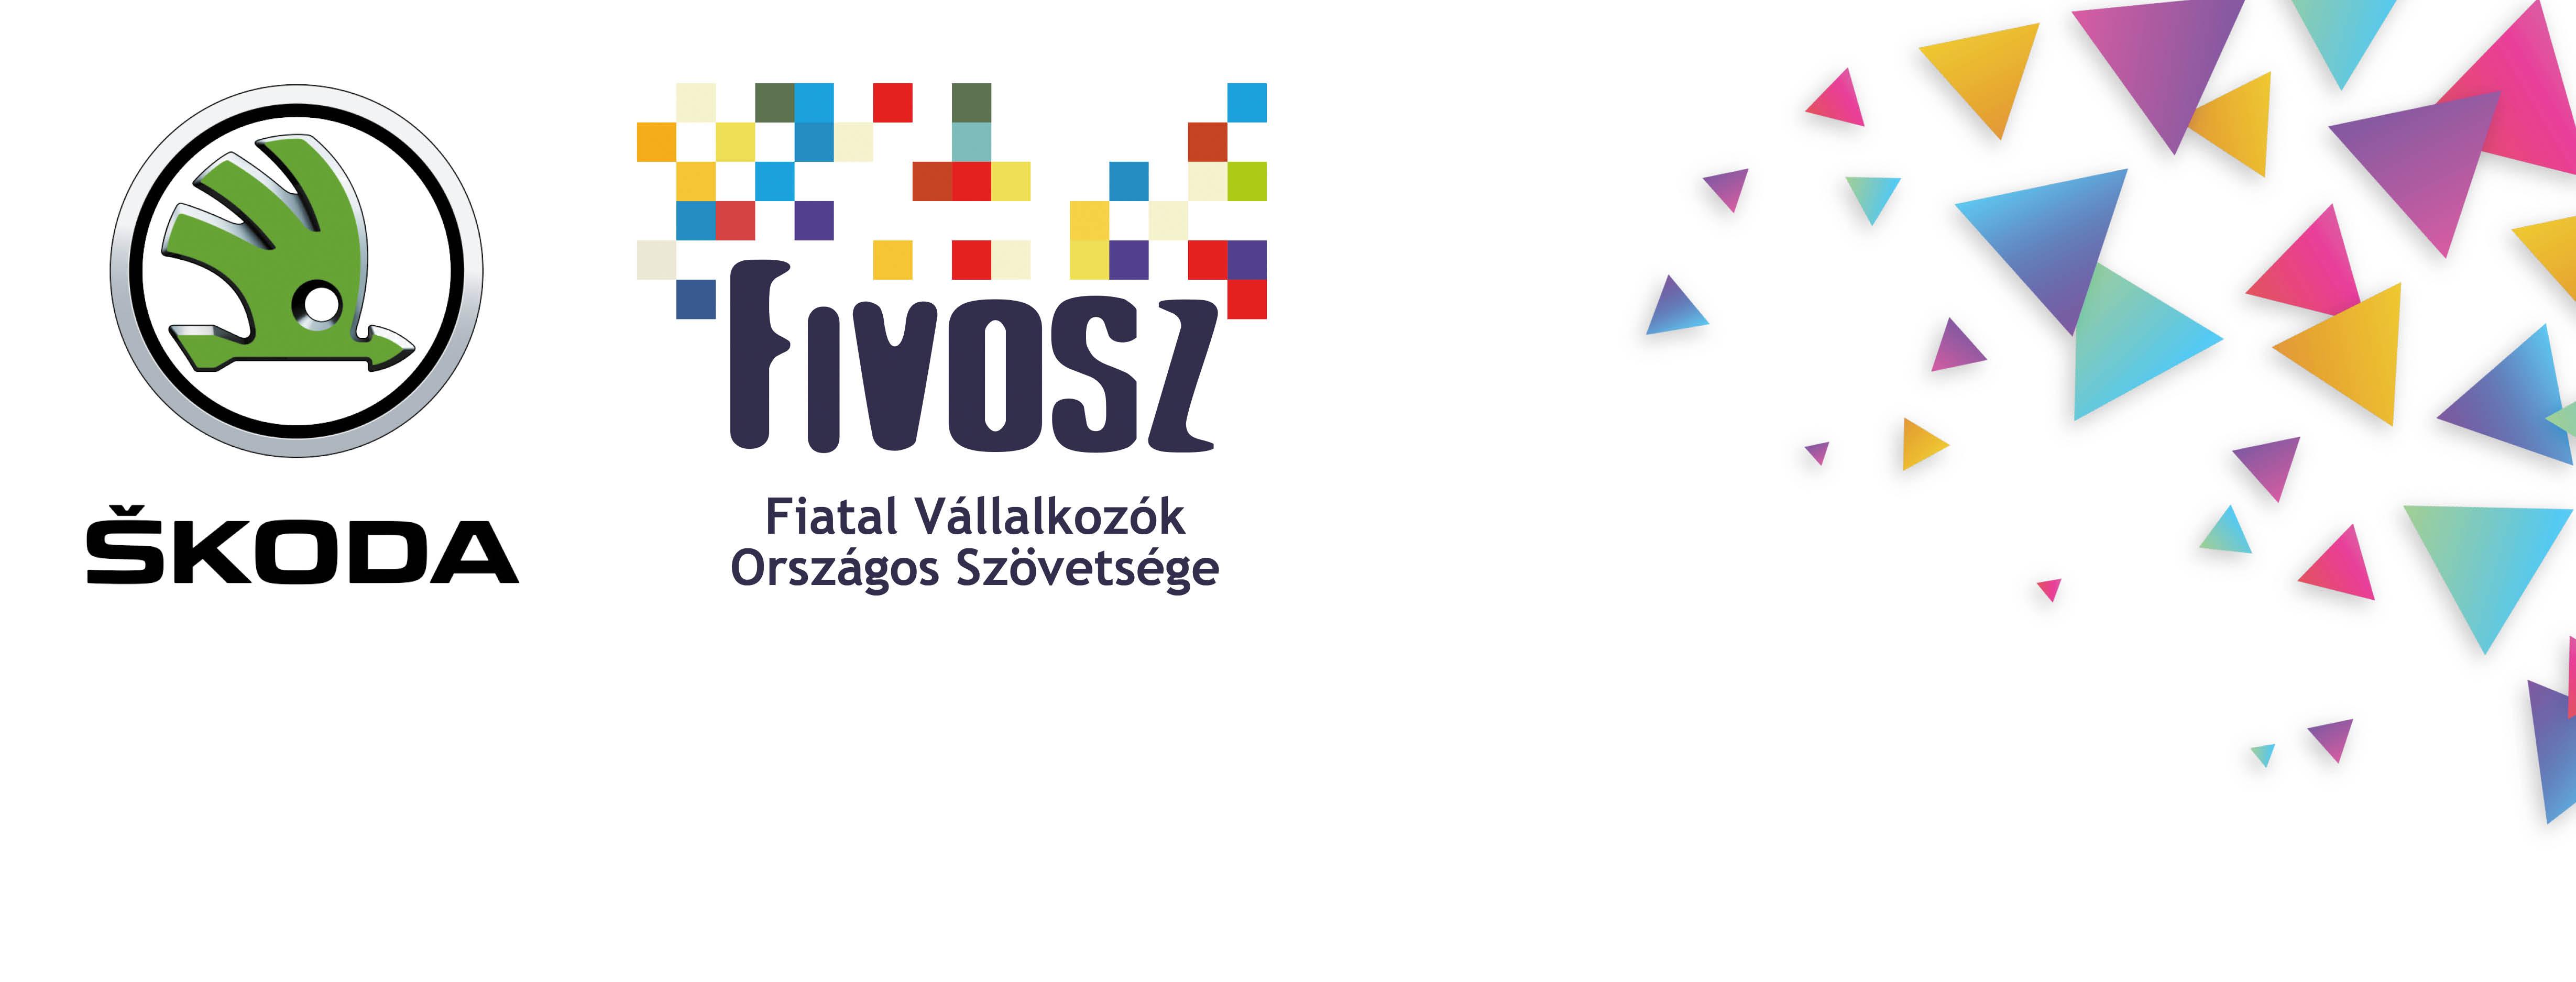 Különleges ŠKODA ajánlatok: a FIVOSZ közösségnek